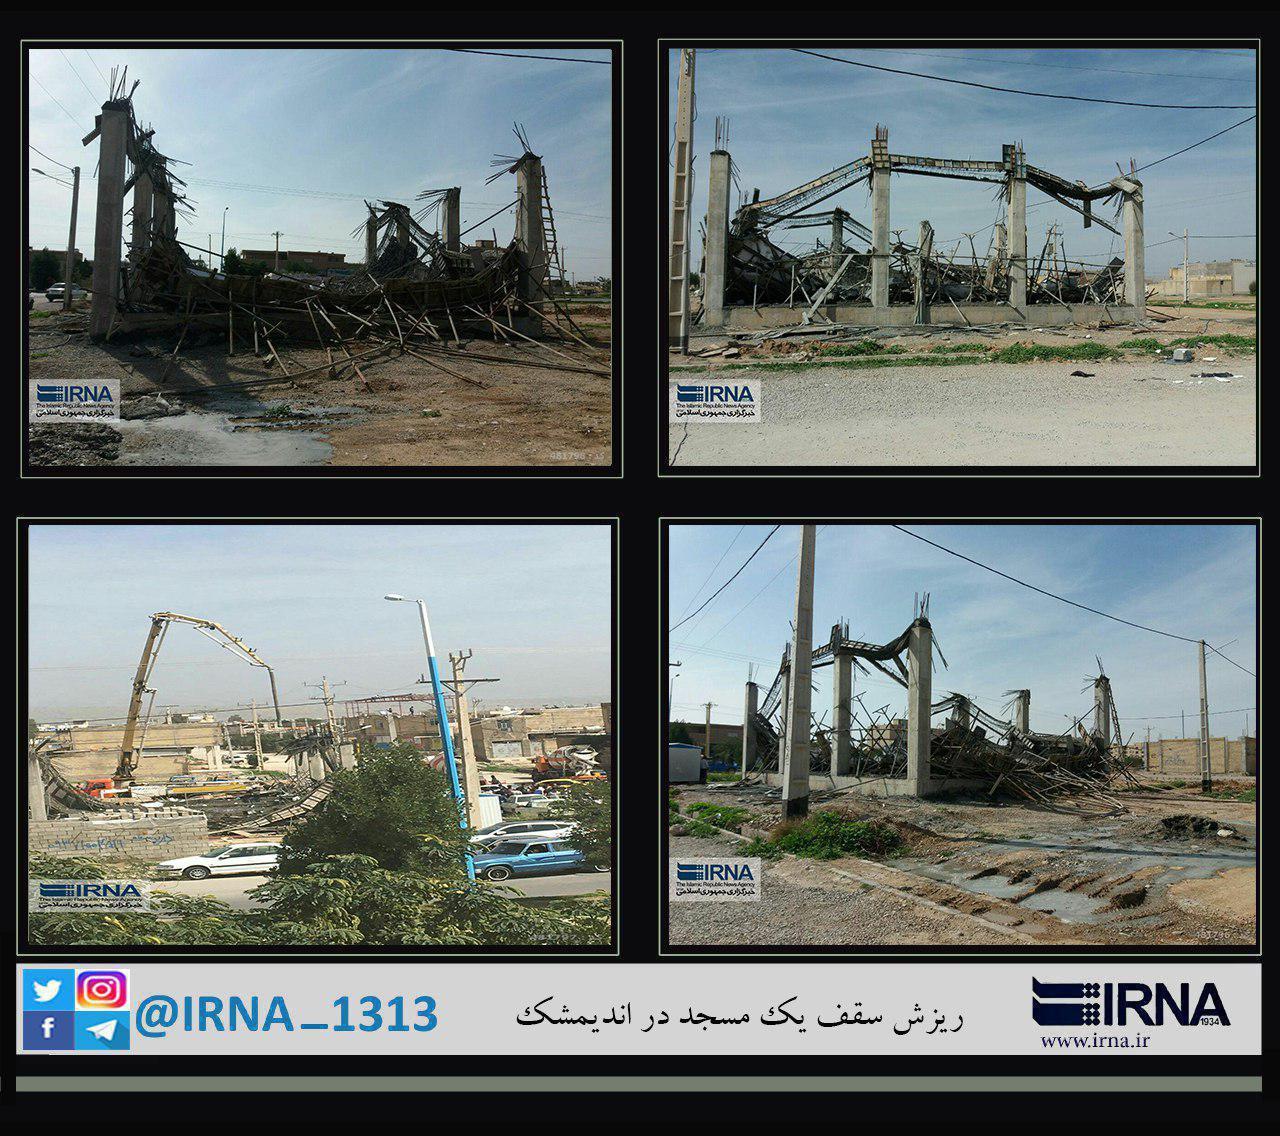 ریزش سقف مسجد نیم کاره در «مسکن مهر» اندیمشک/ 6 کارگر مصدوم شدند